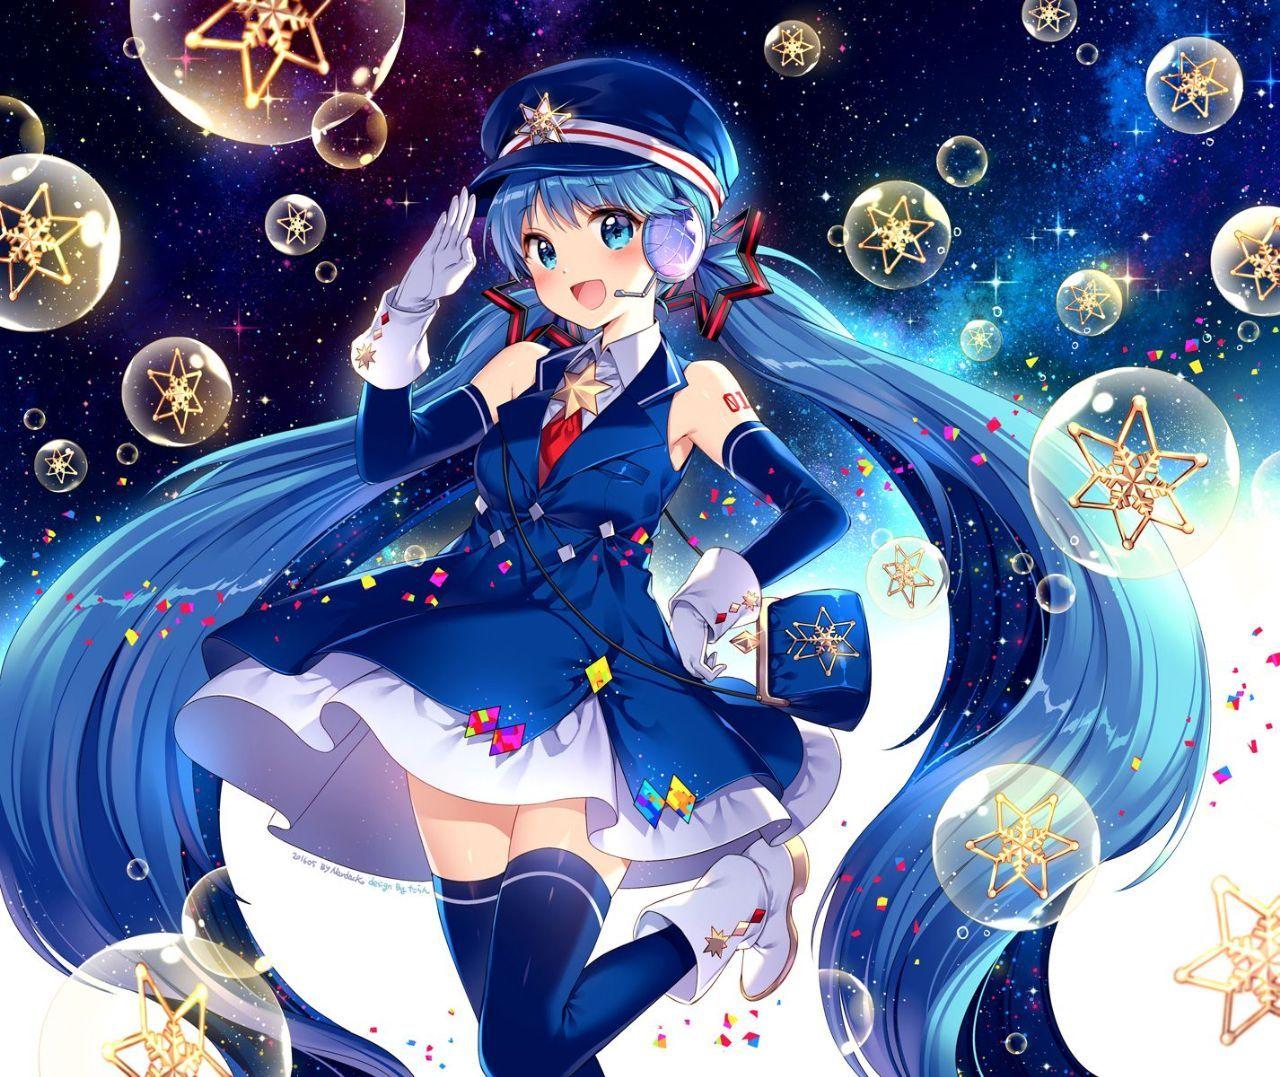 4 công chúa cá tính và 4 hoàng tử lạnh lùng - Giới thiệu nhân vật   Hatsune miku, Anime, Cô gái phim hoạt hình